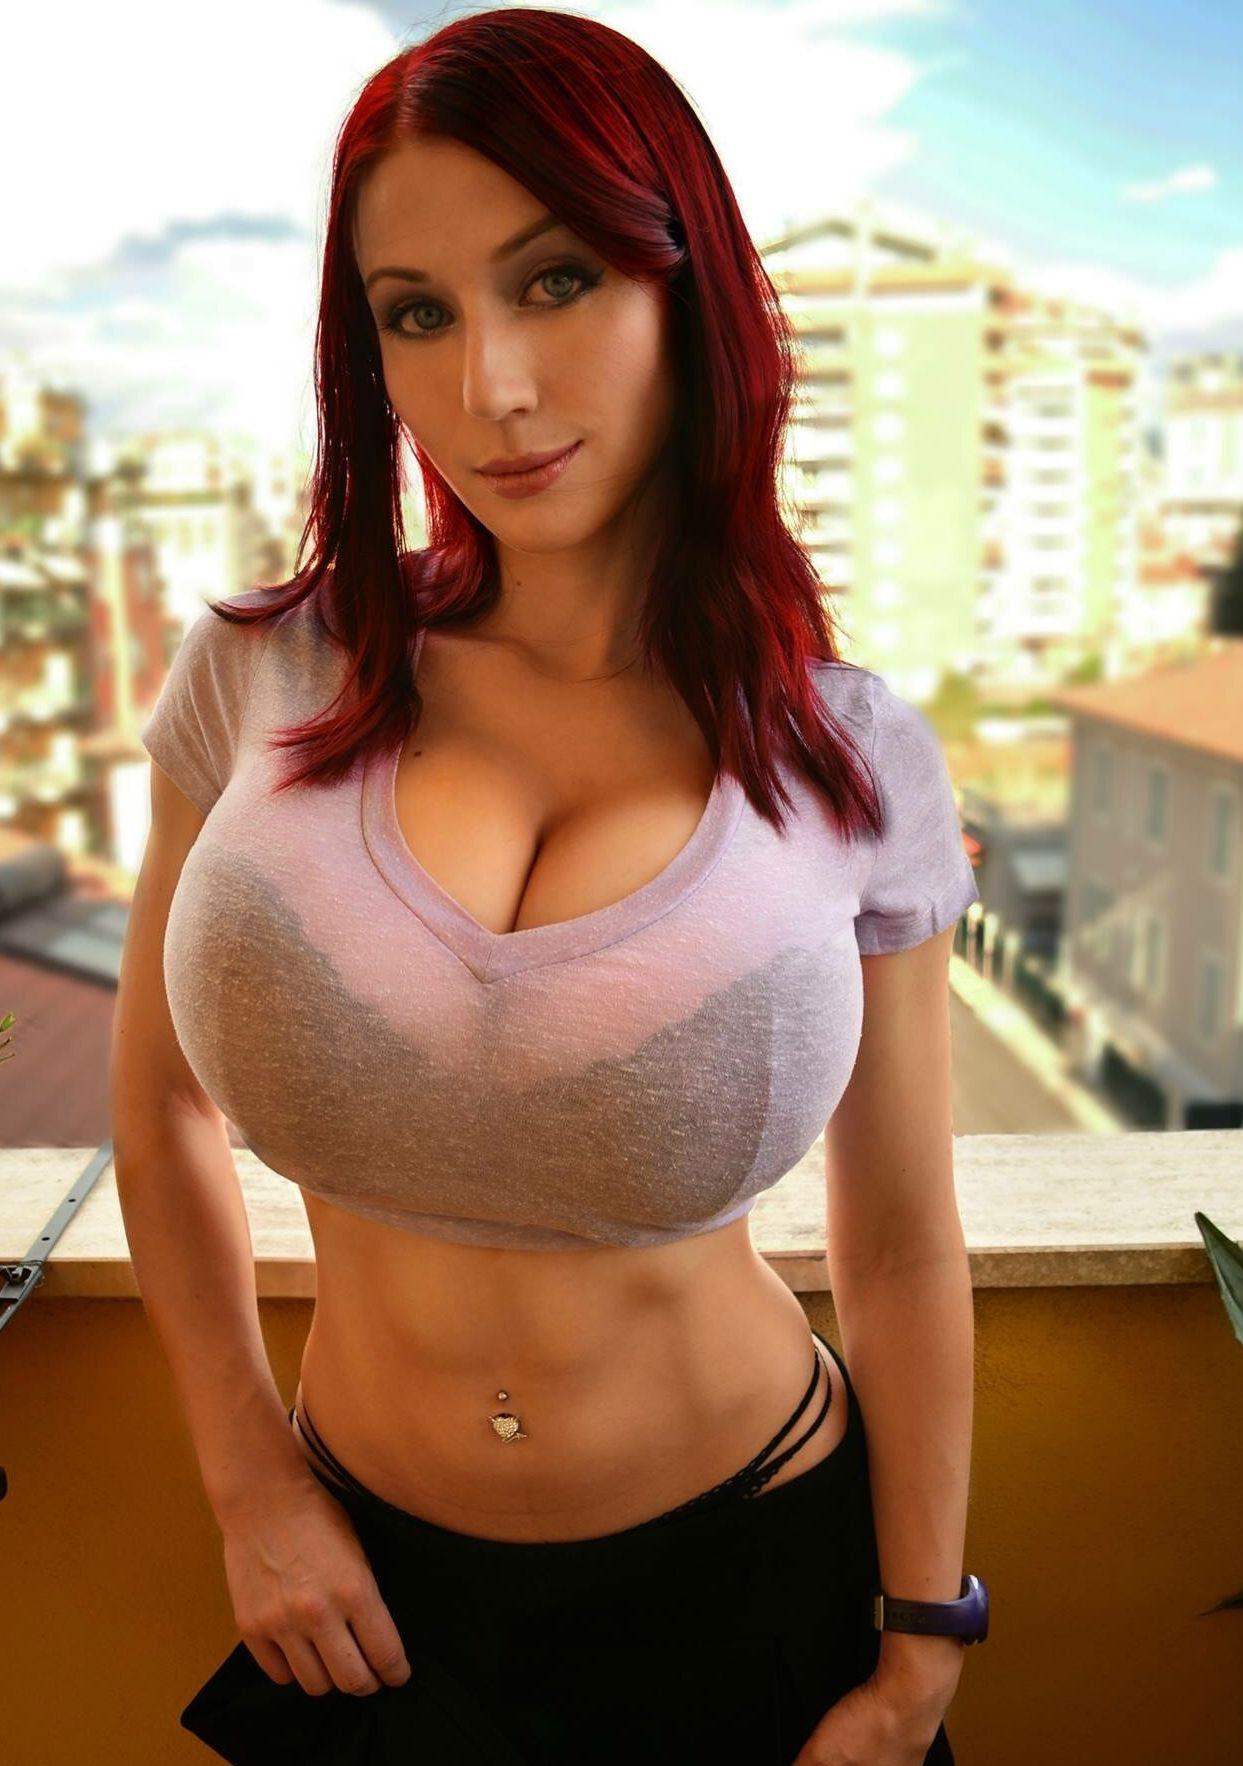 Busty sasha webcams